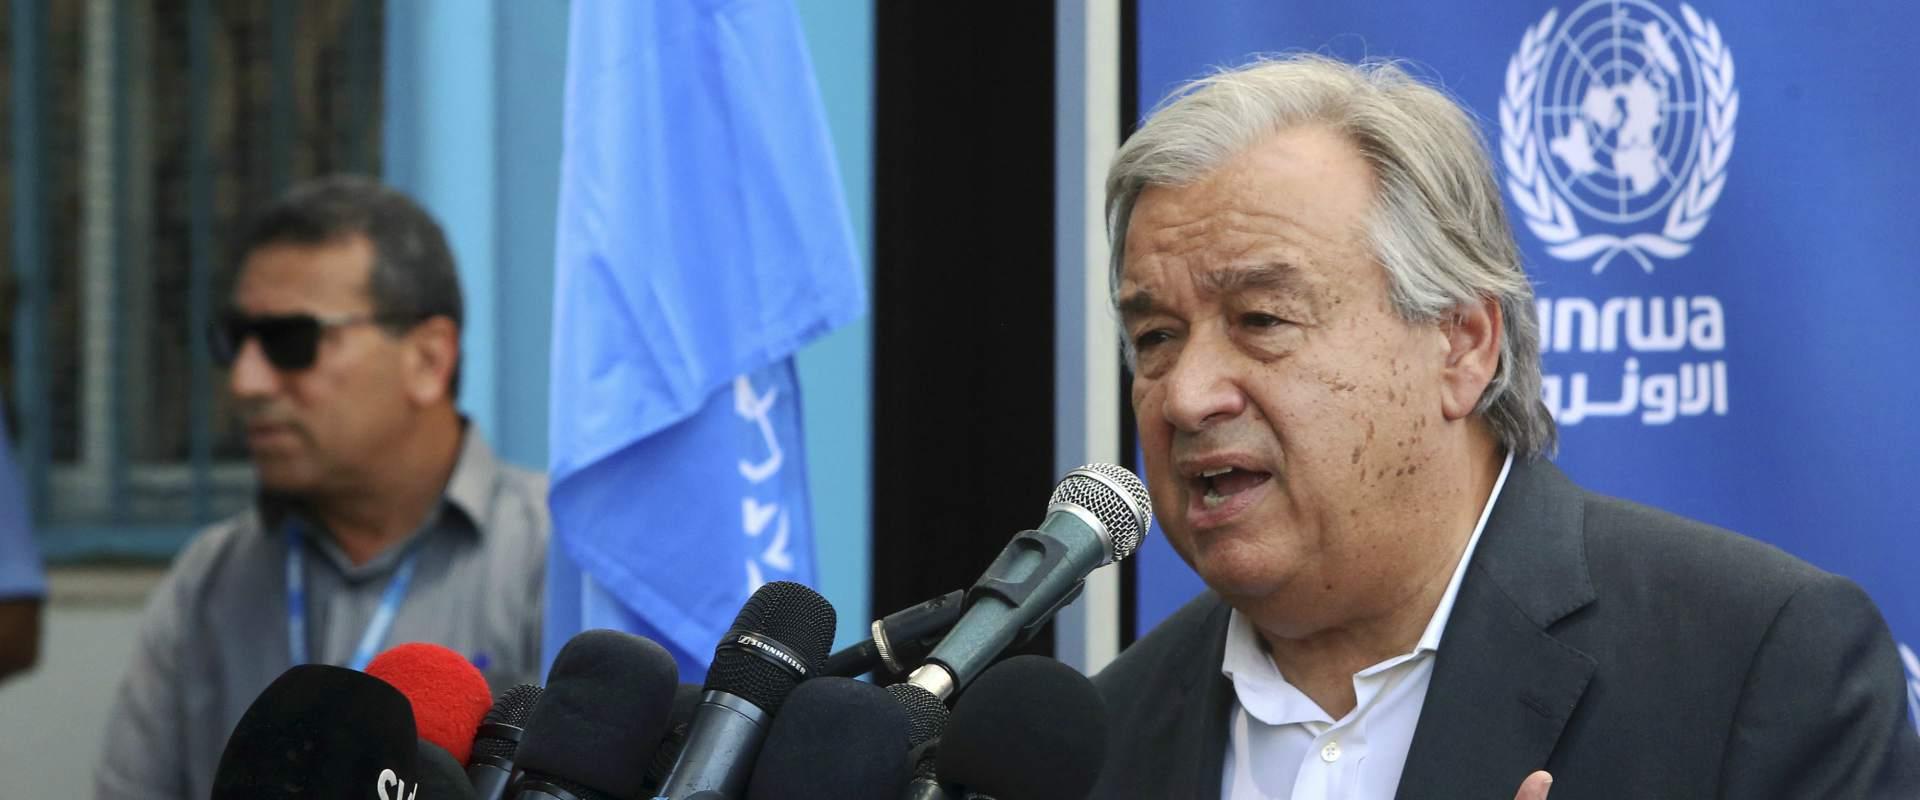 """מזכ""""ל האו""""ם במסיבת עיתונאים ברצועת עזה"""